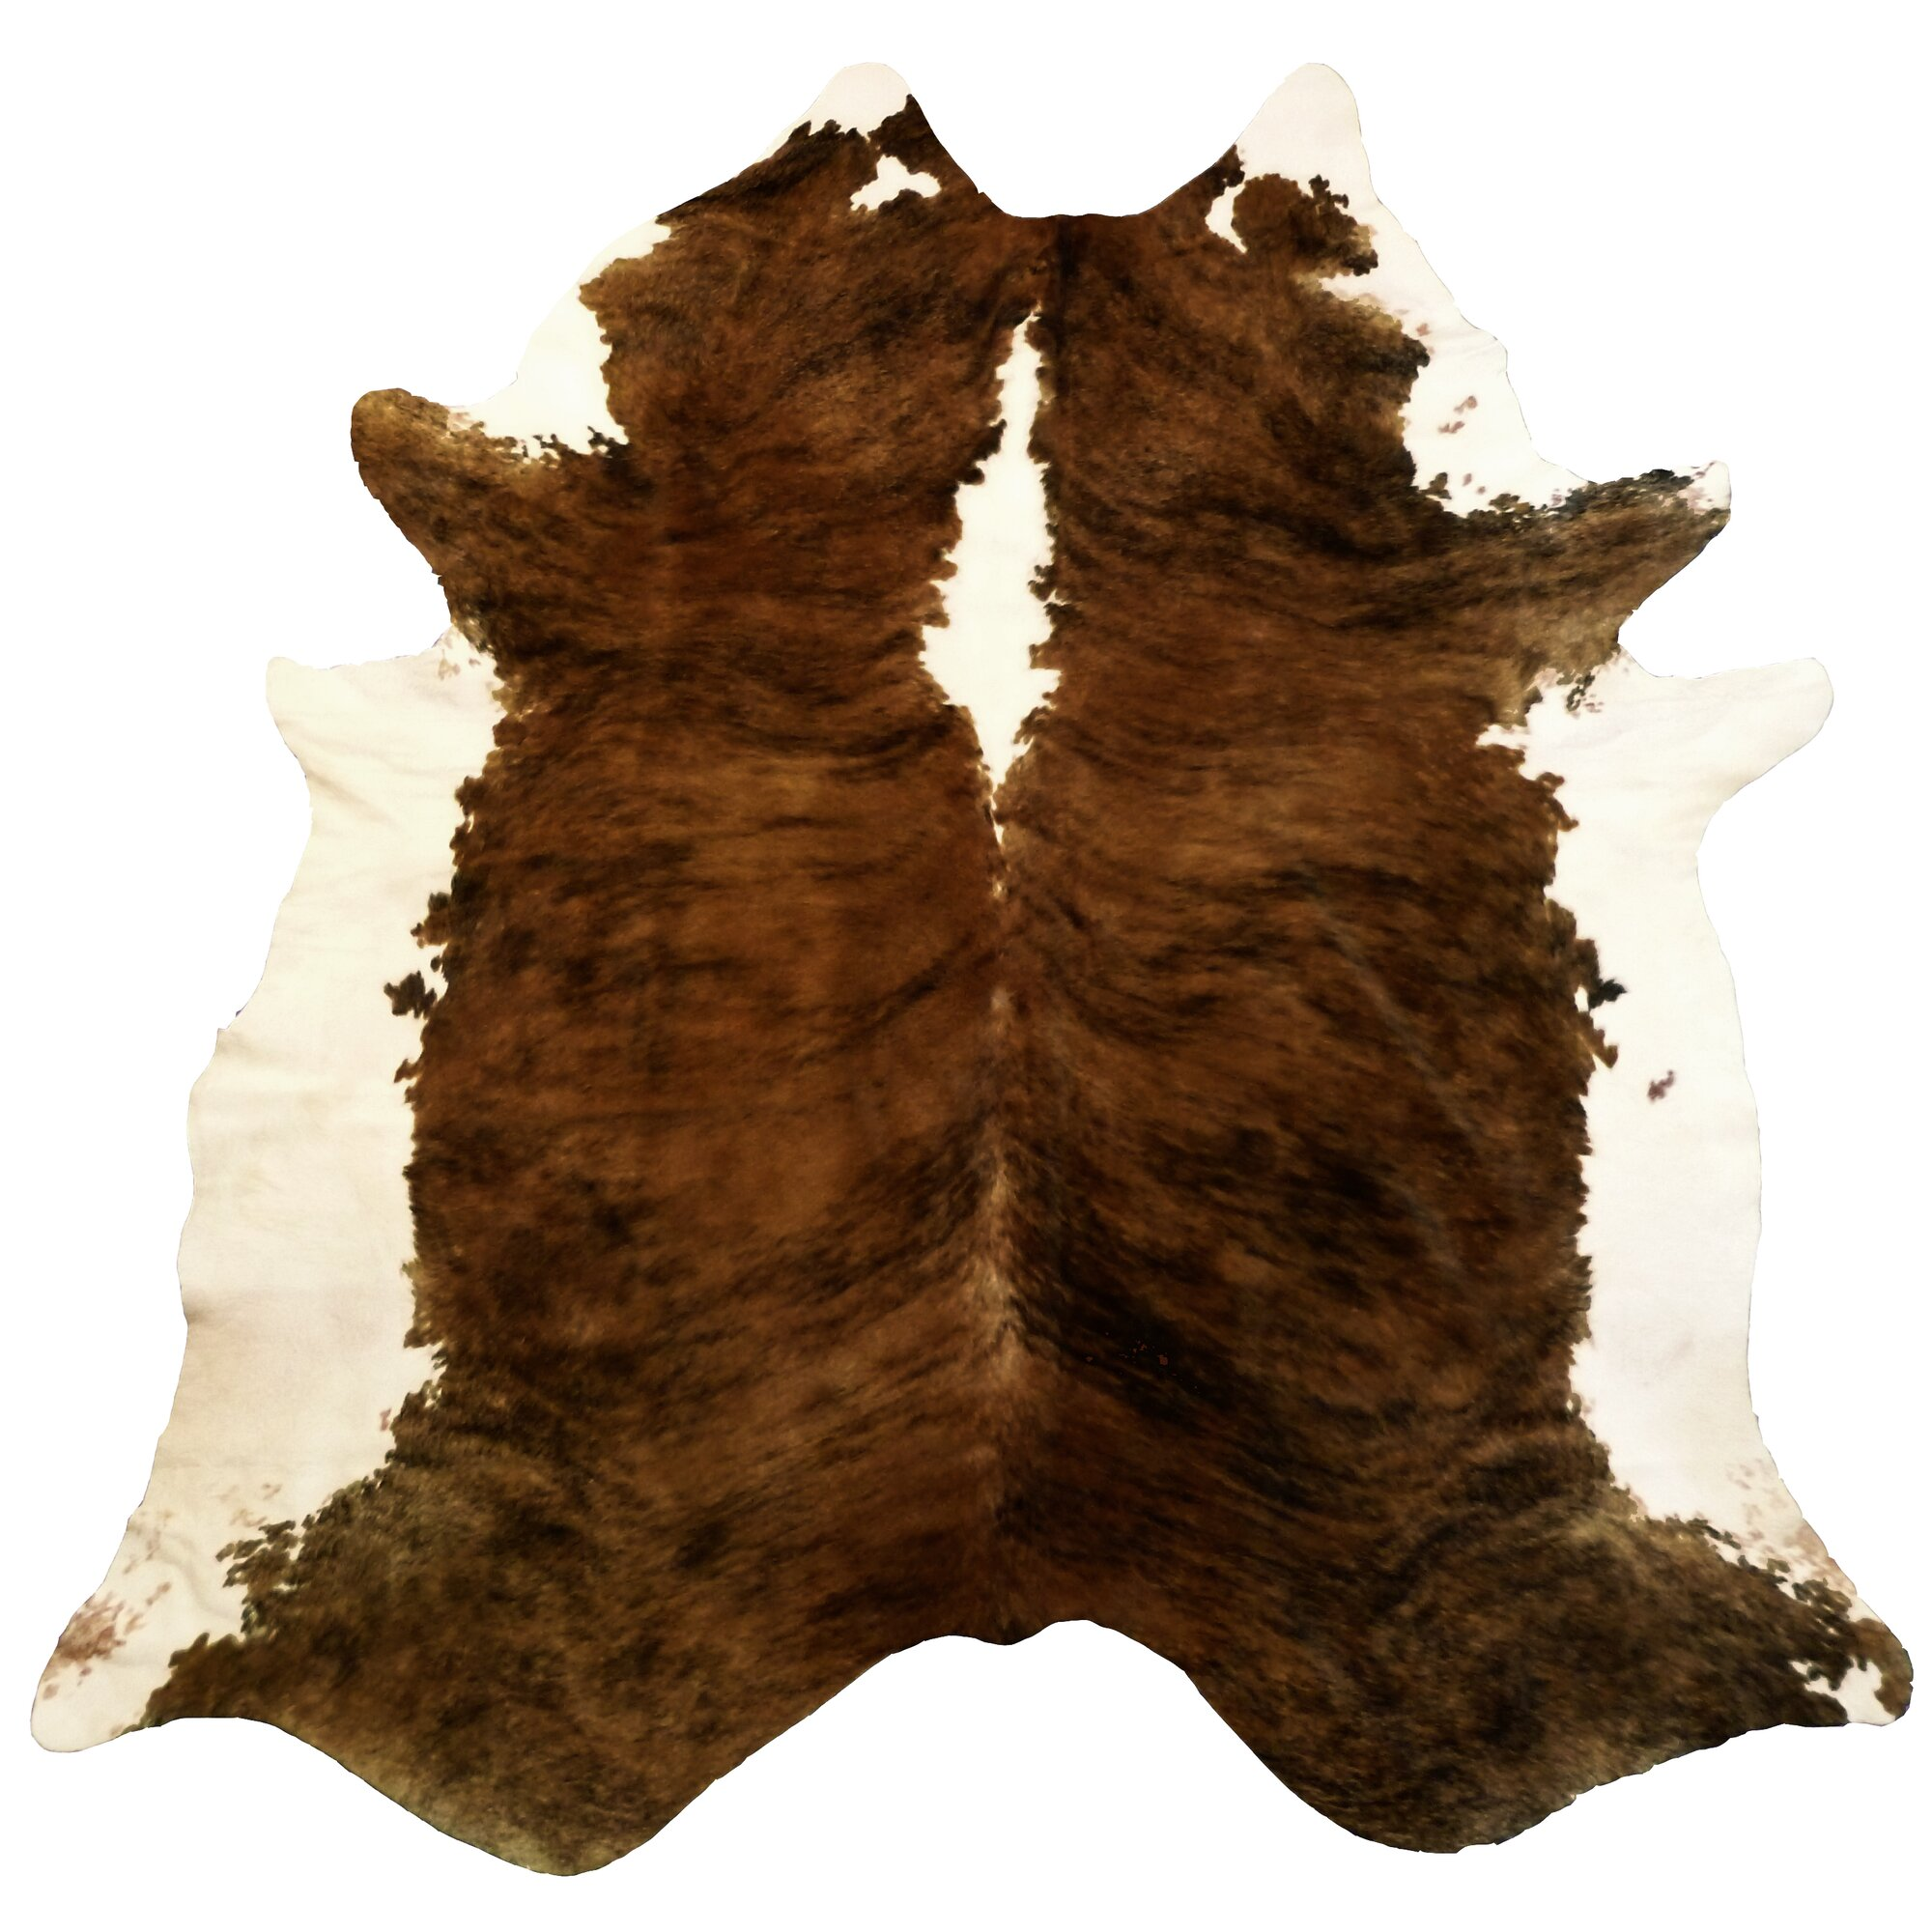 Extra+Large+Brindle+Brazilian+Cowhide+Brown+%26+White+Area+Rug brindle cowhide rugs